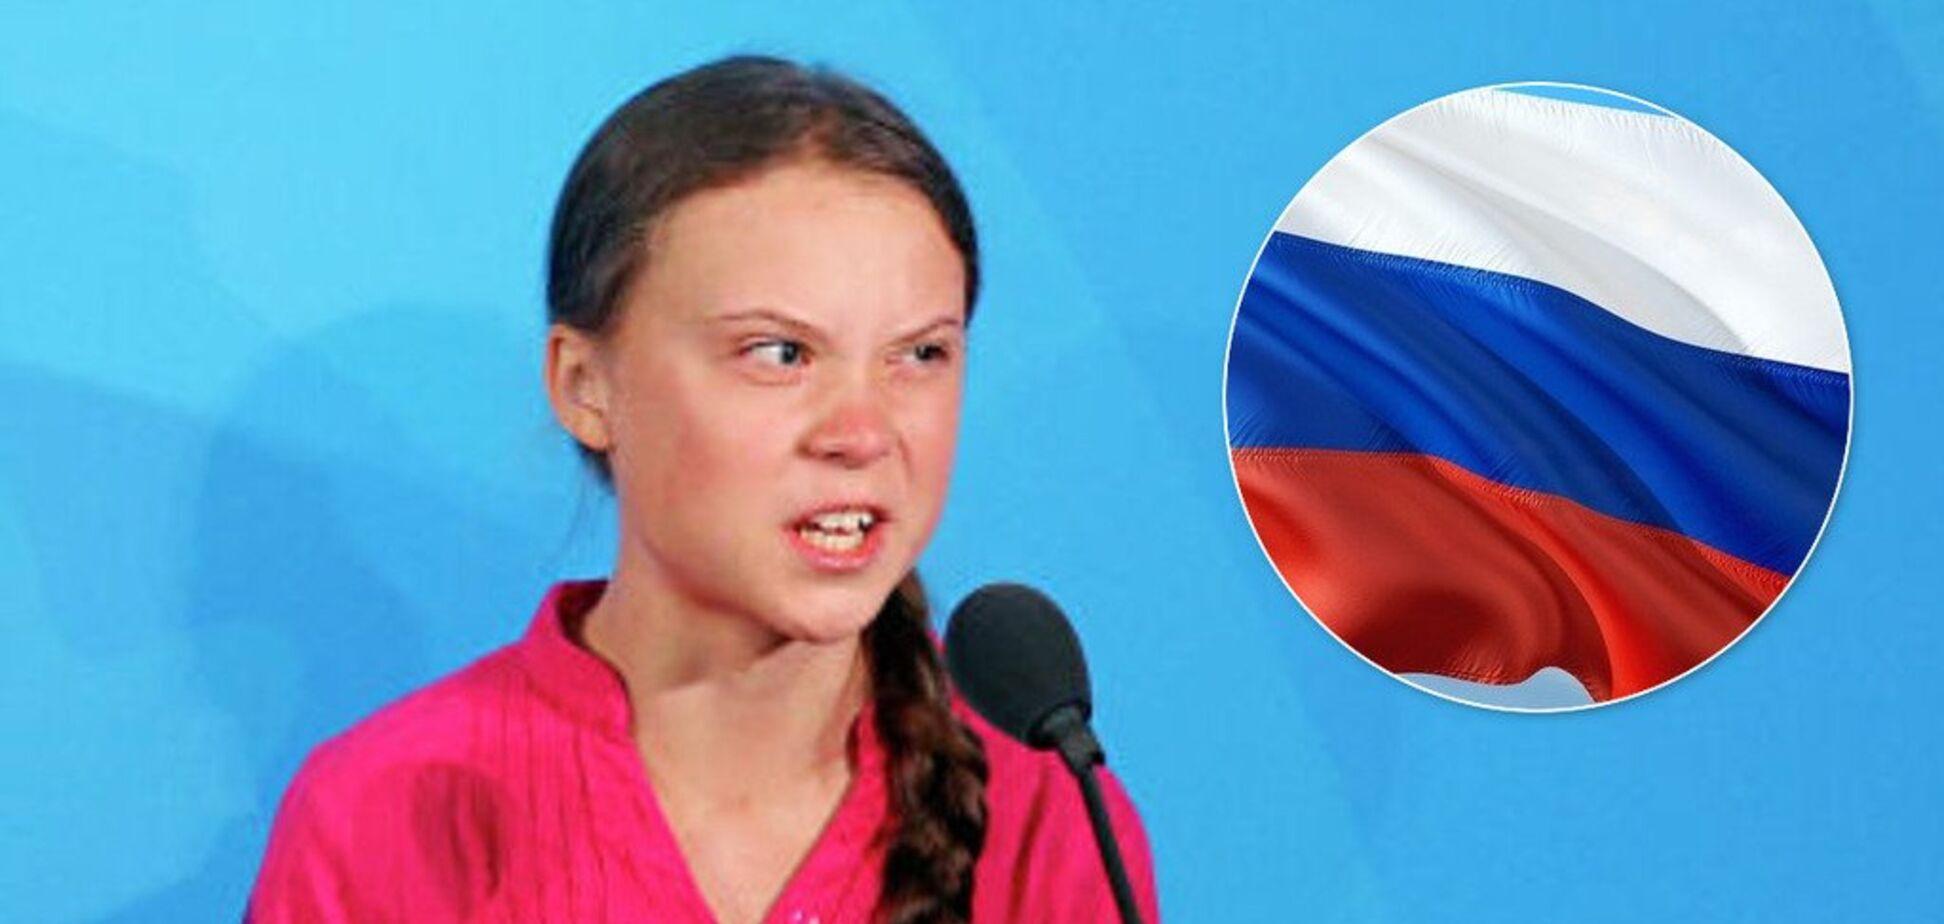 Замешана Россия? В Европе разгорелся скандал из-за Греты Тунберг